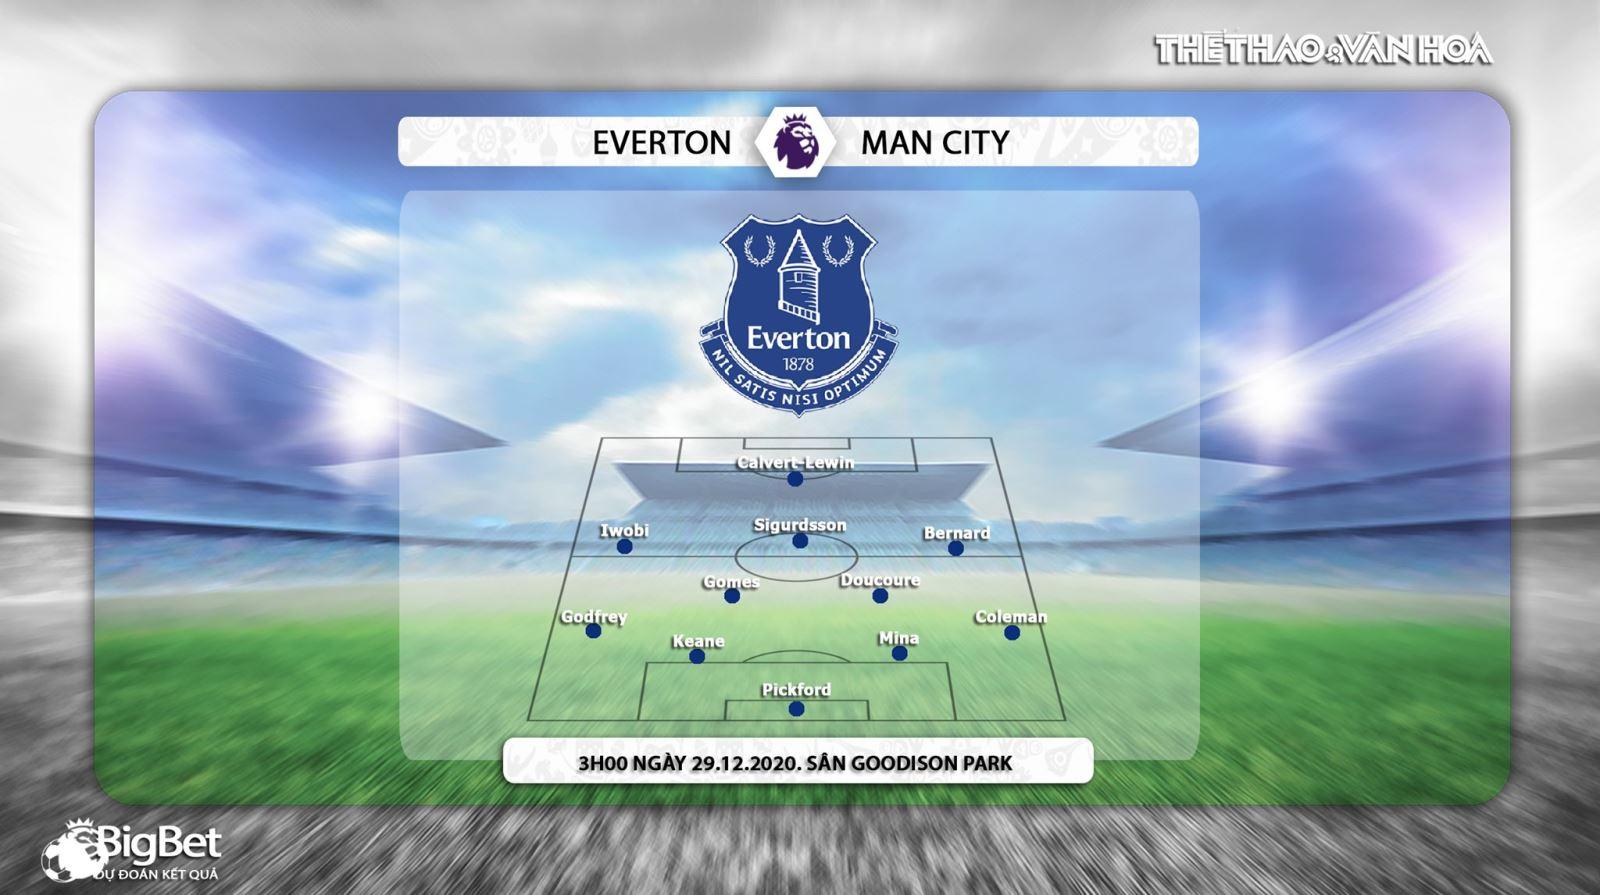 Keo nha cai, Kèo nhà cái, Everton vs Man City, Trực tiếp bóng đá Anh hôm nay, K+, K+PM, trực tiếp bóng đá Everton đấu với Man City, trực tiếp Ngoại hạng Anh